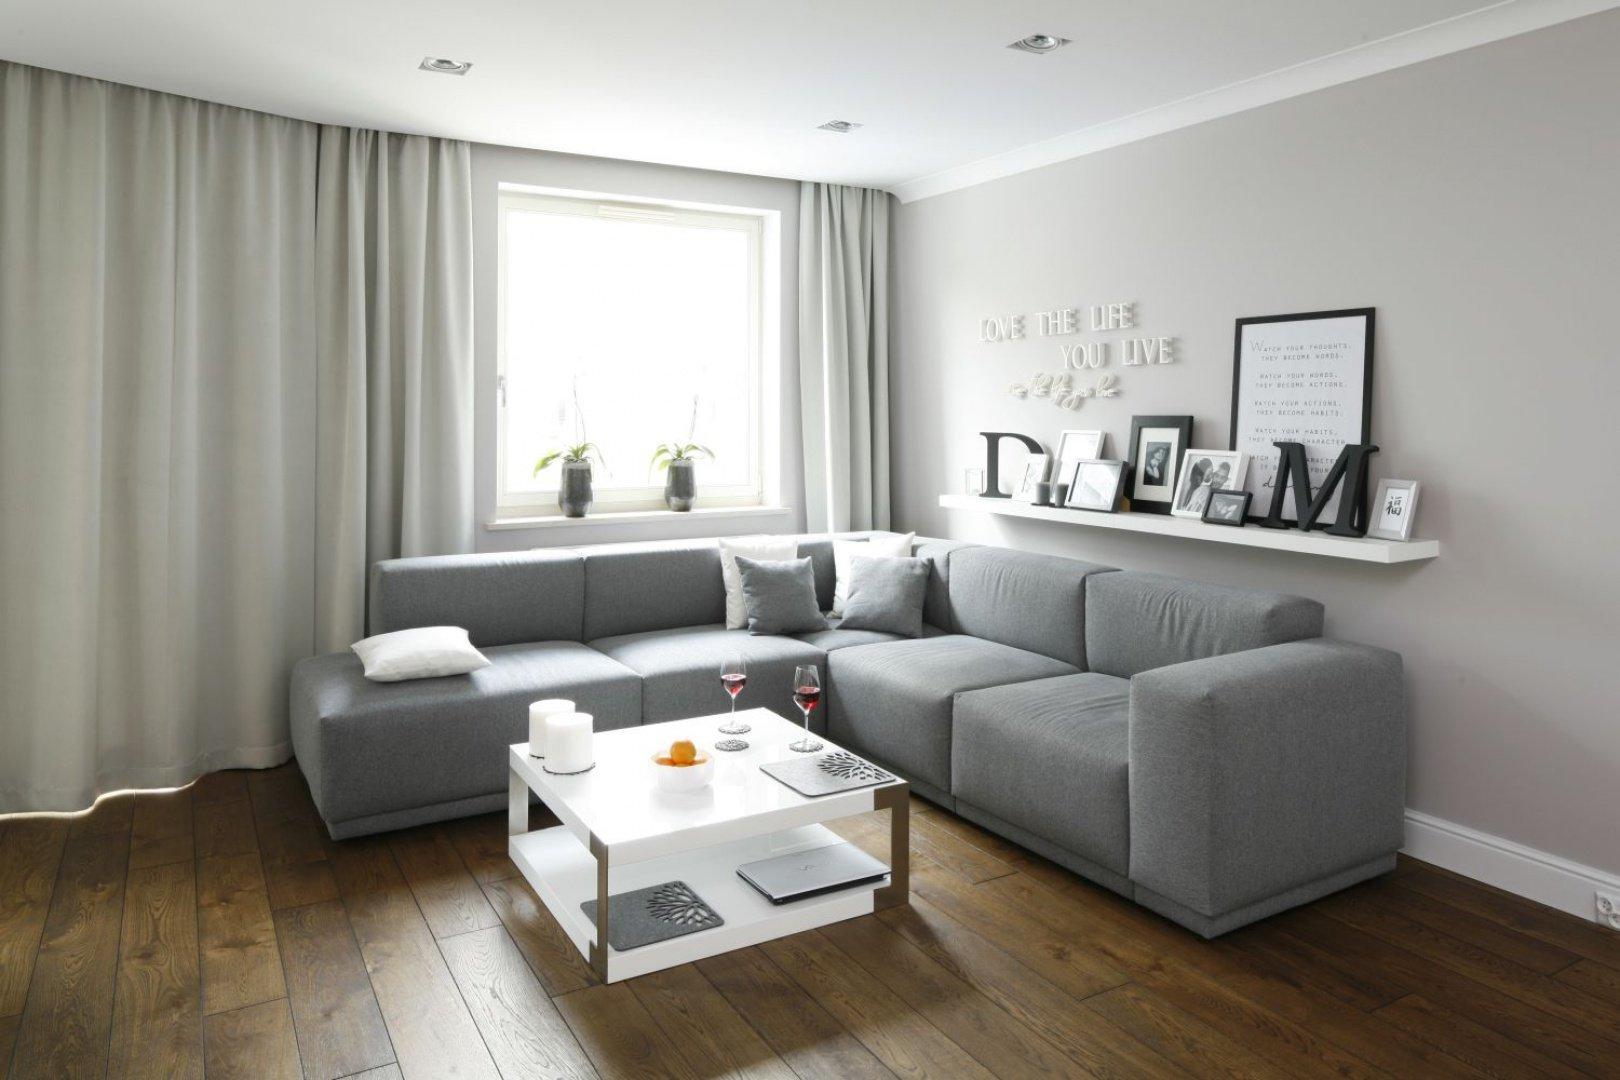 Серый диван с обивкой из ткани в интерьере